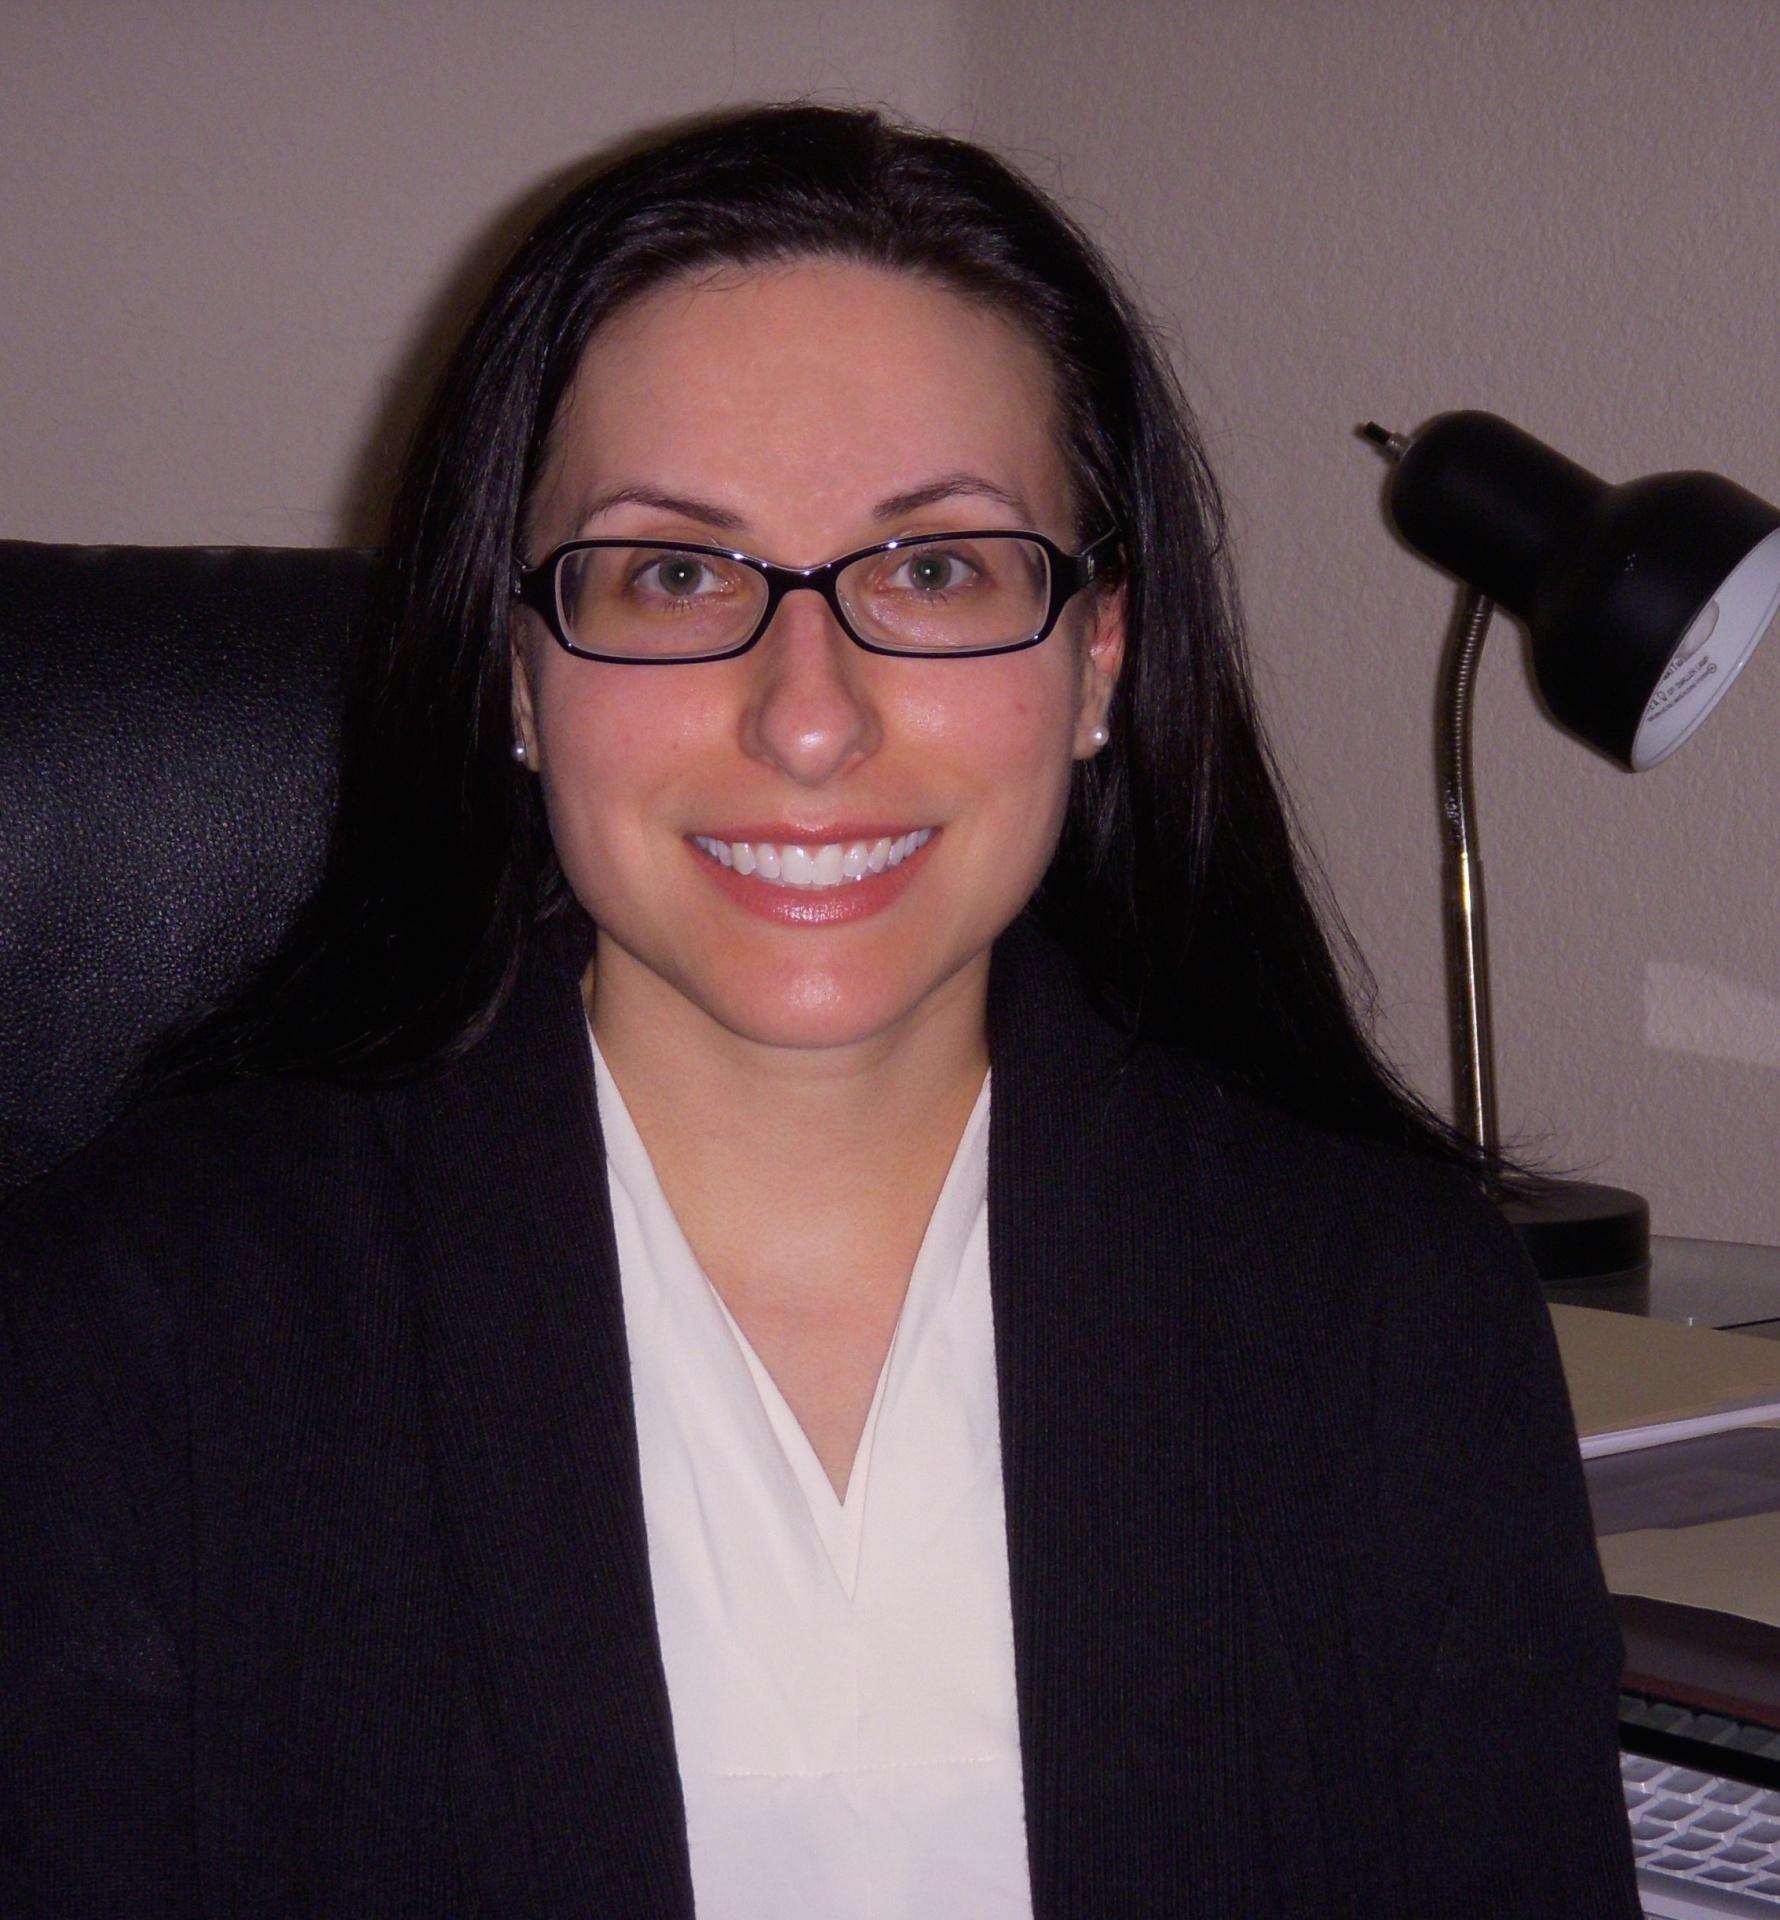 Gina Mariano